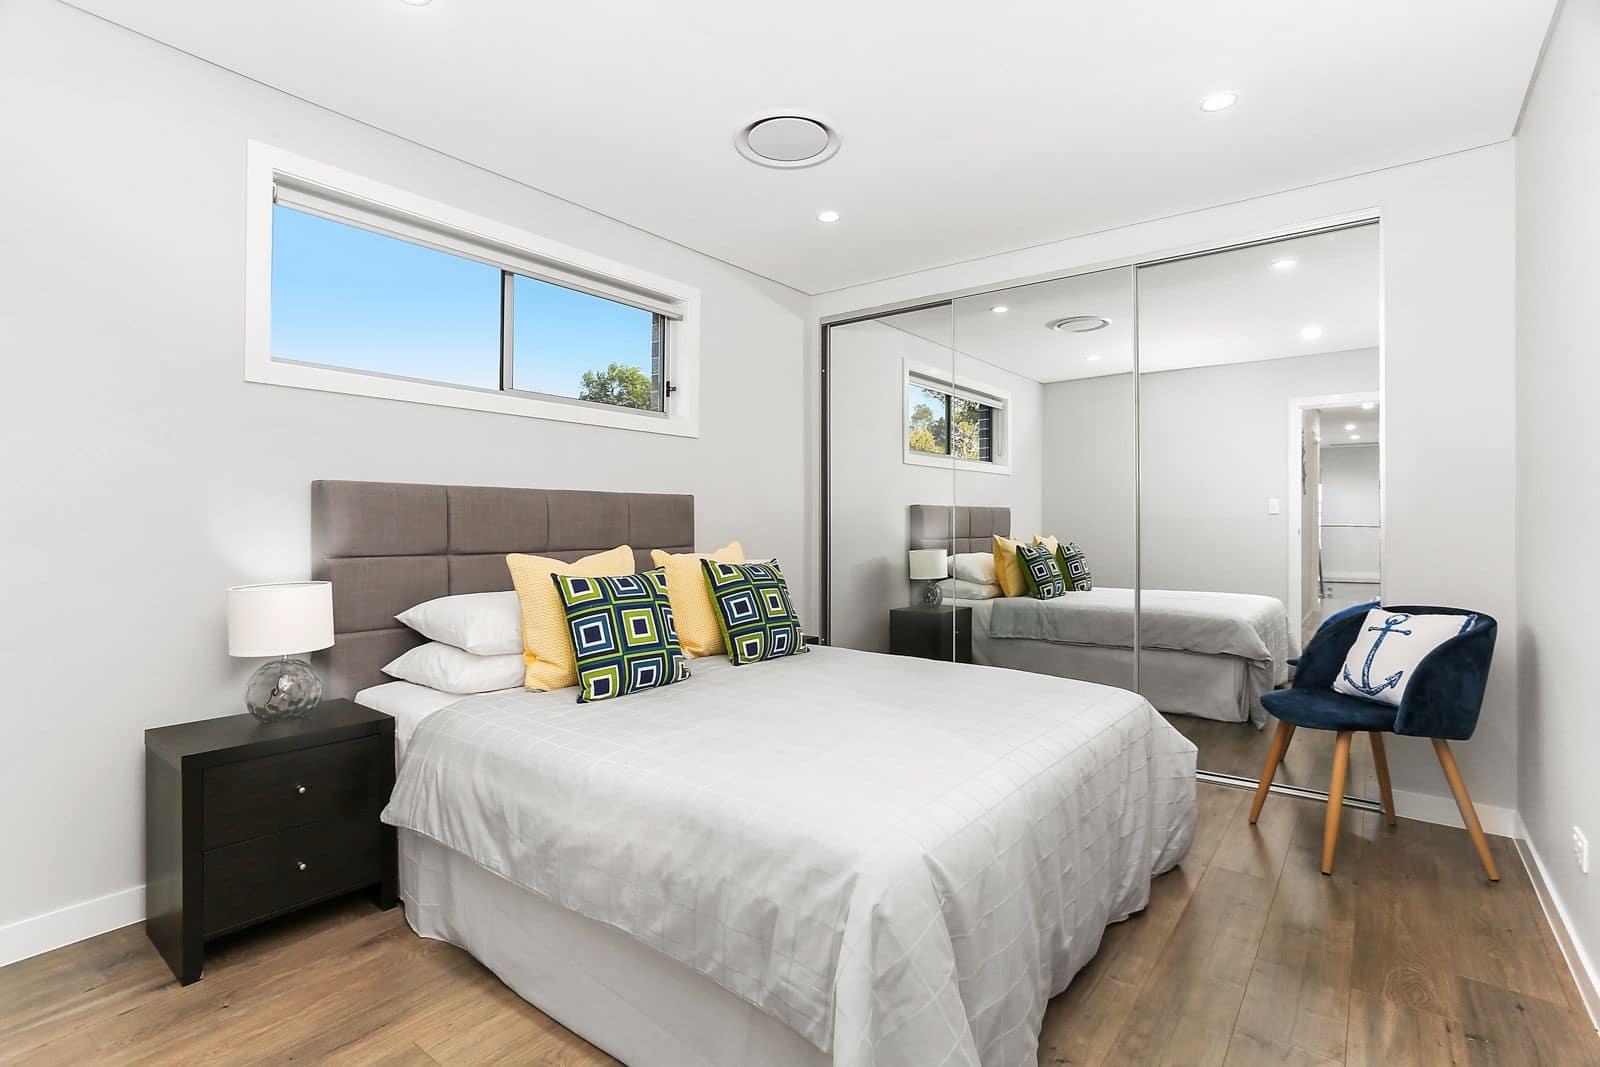 duplex home designs nsw